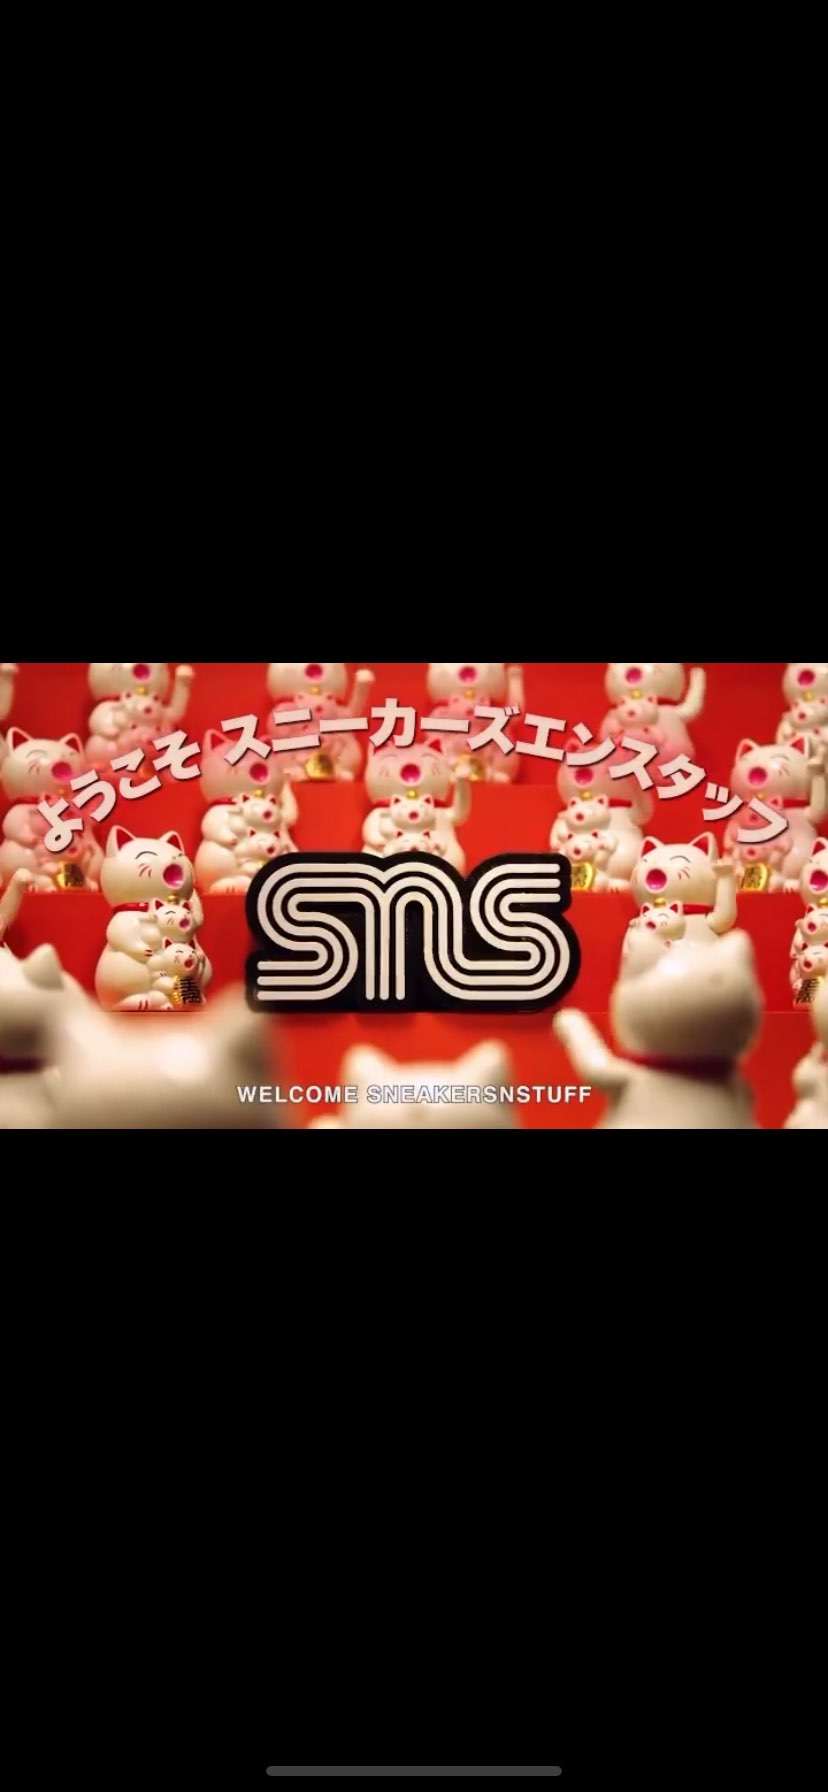 sns tokyo 12月14日オープン!